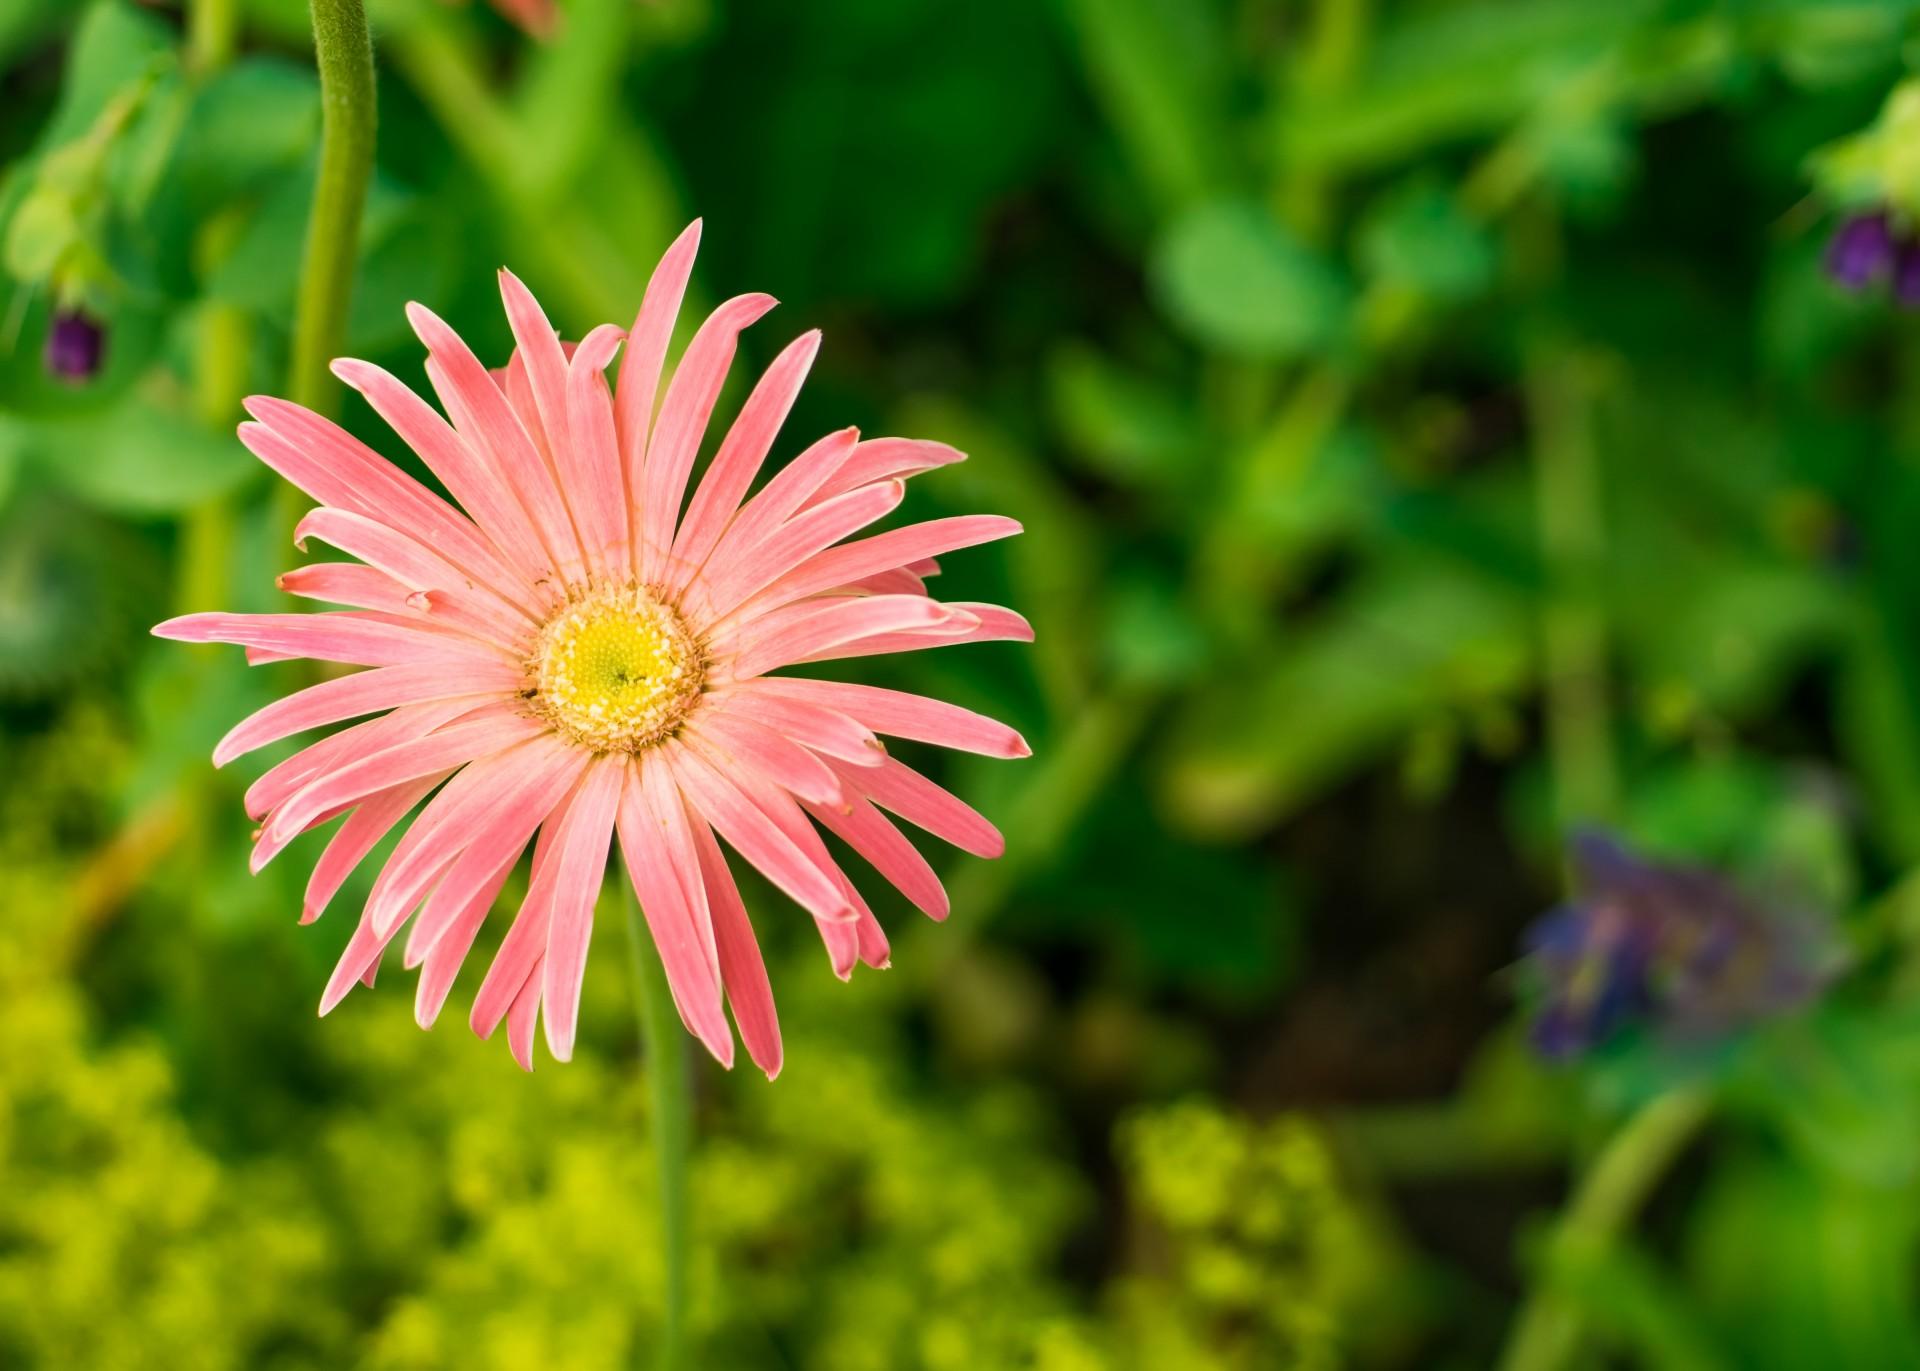 Pinknbspdaisynbsptypenbspflowermacronbspphotographyflower